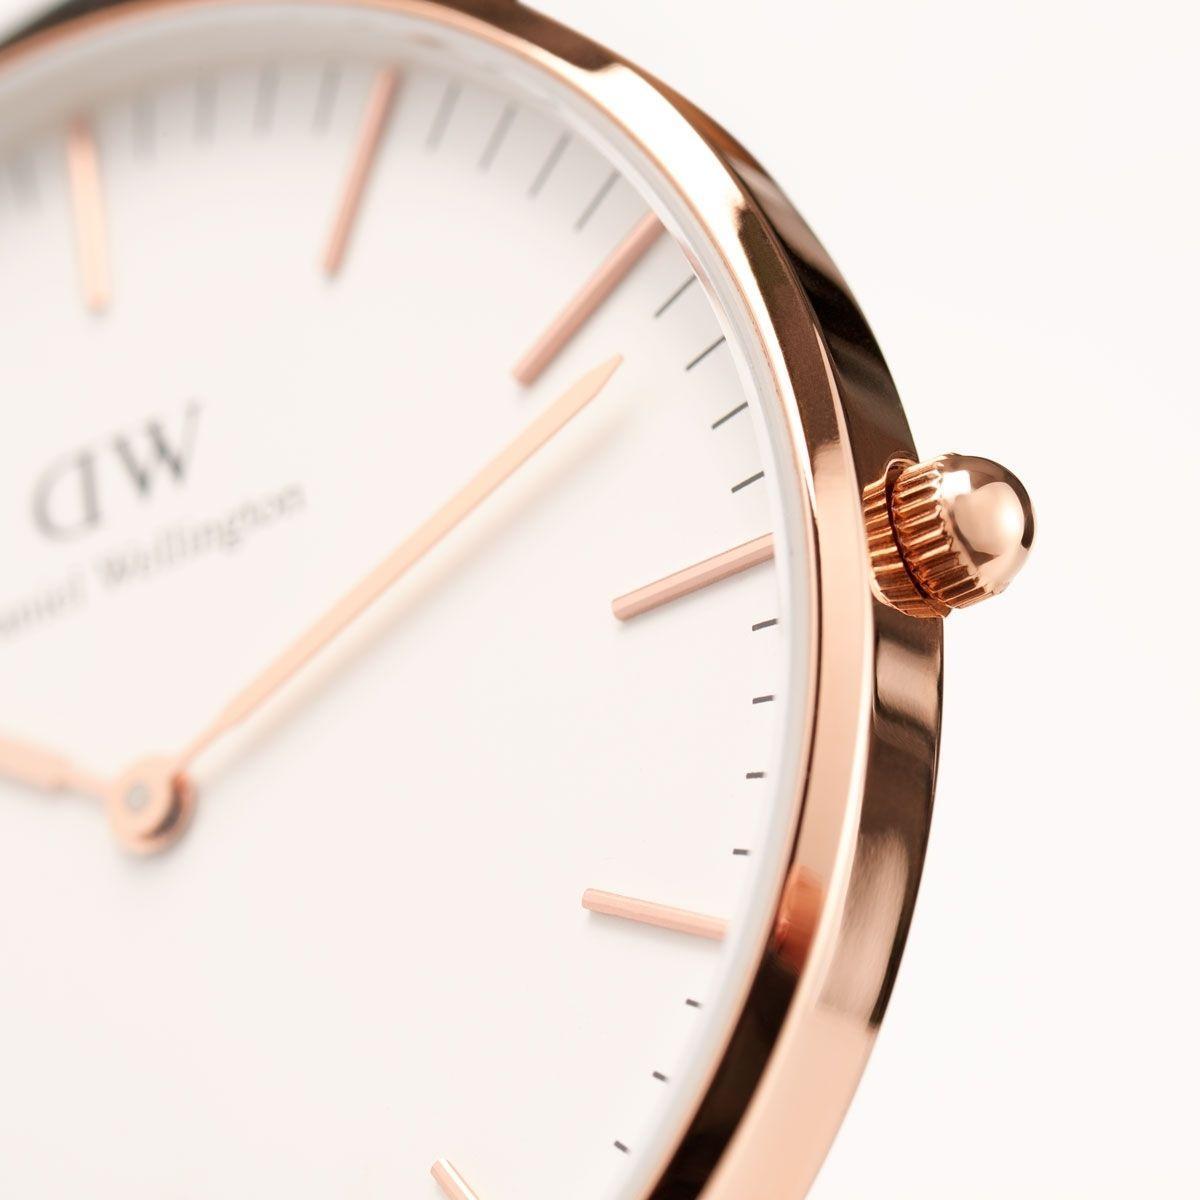 dw官网 dw手表官网 dw中国官网 dw官方旗舰店 DW DW官网  W Classic Cornwall RG 36mm